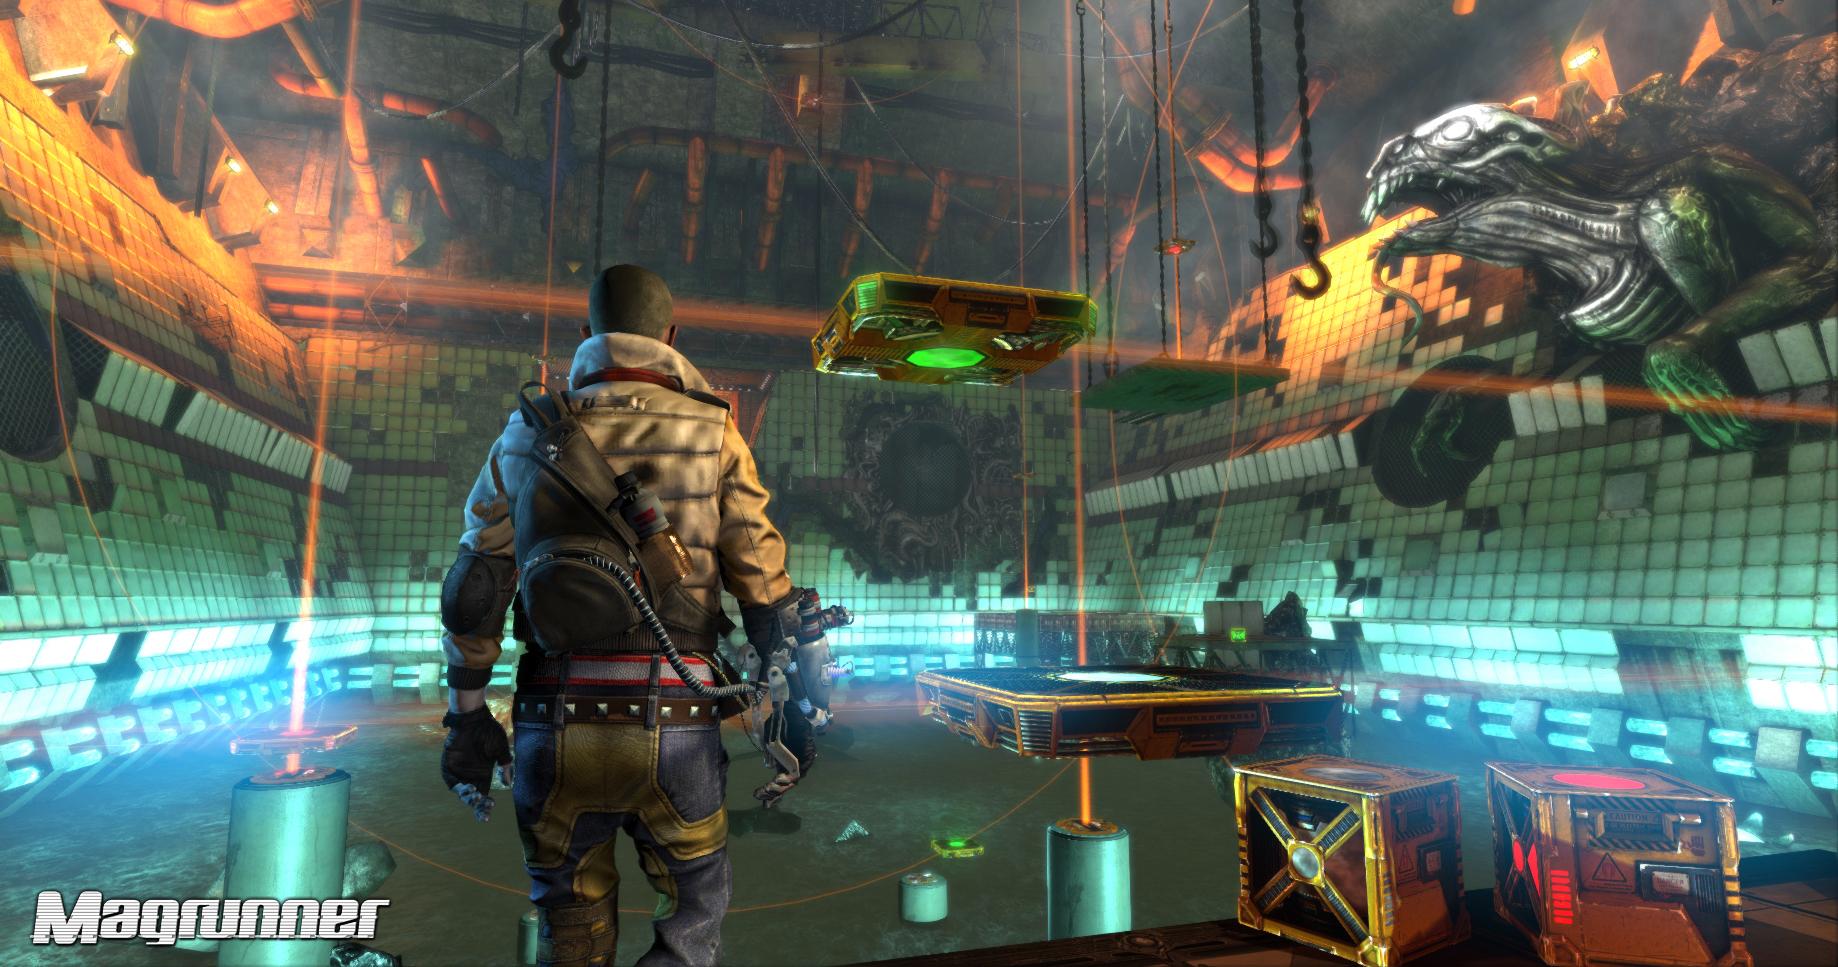 Chamber of Game: Magrunner: Dark Pulse